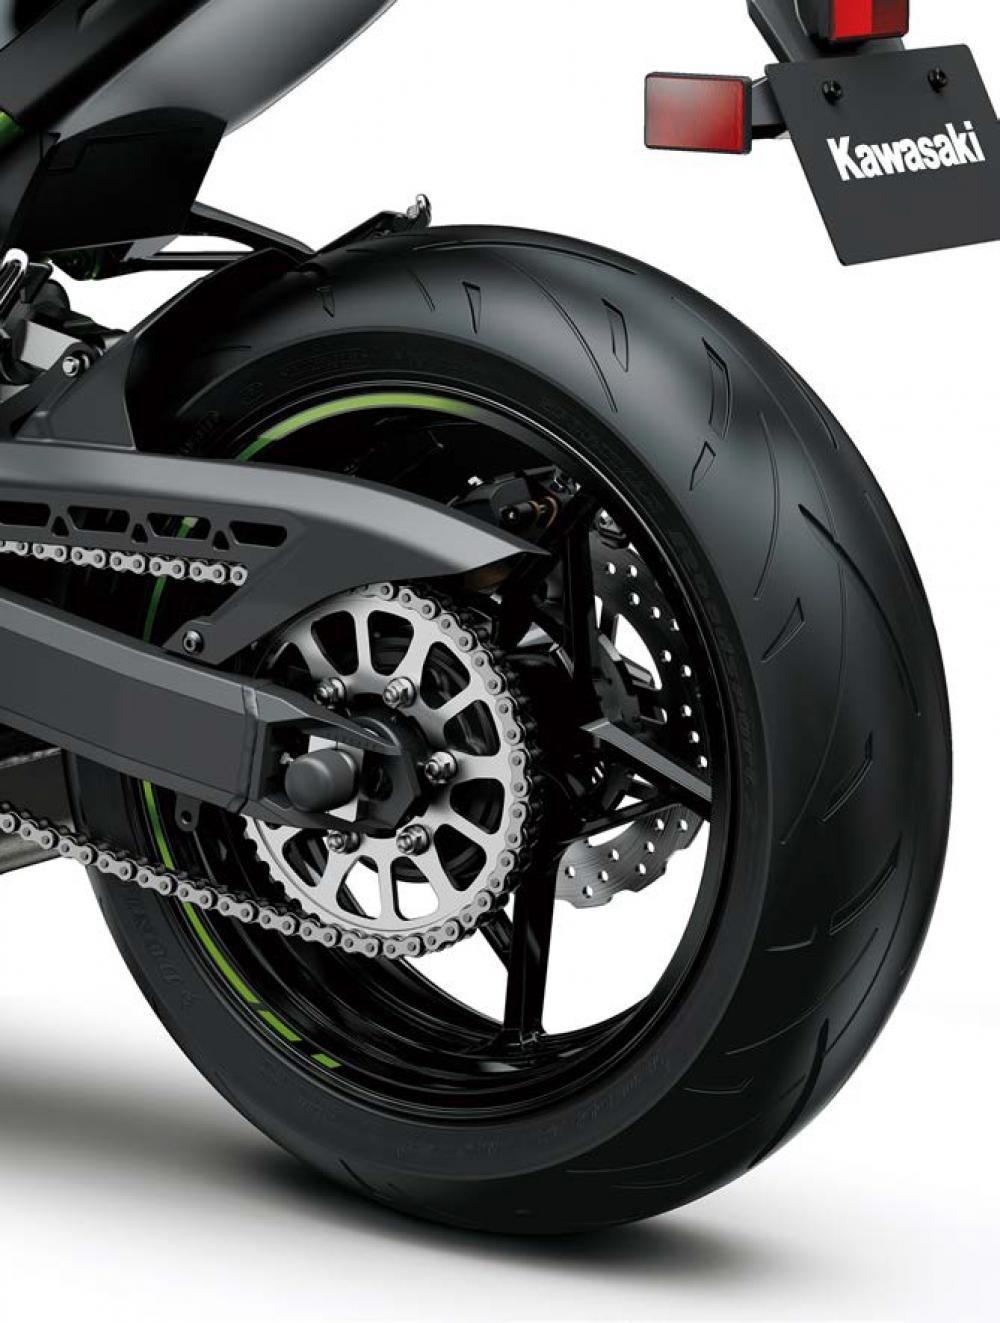 Обновленный нейкед Kawasaki Z900 2020